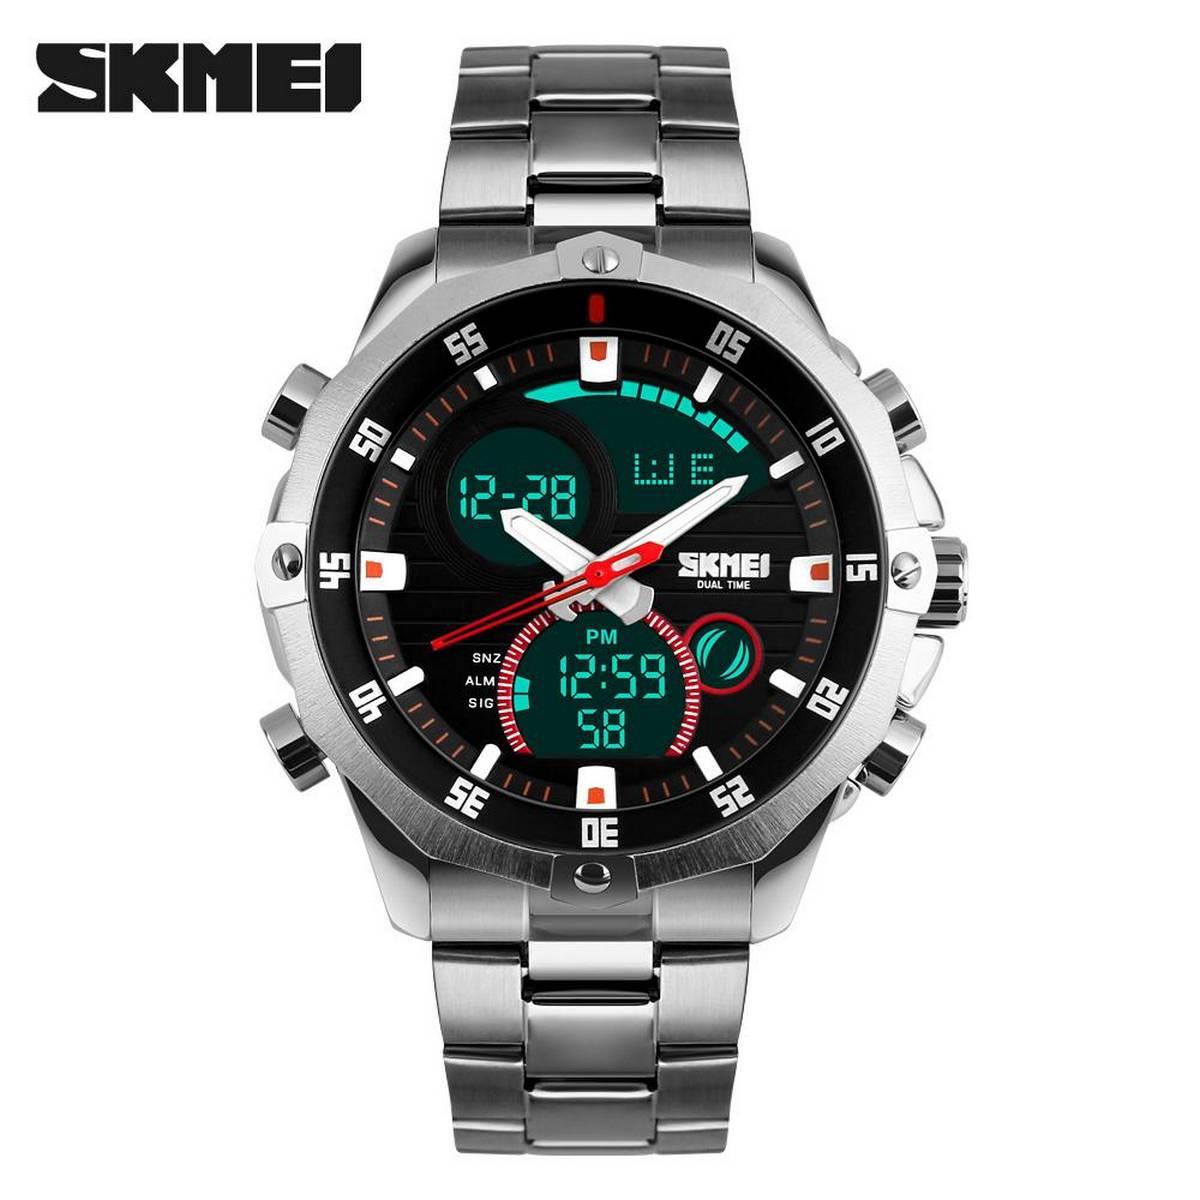 SKMEI 1146 Quartz Stainless Steel Waterproof Dual Display Watch For Men